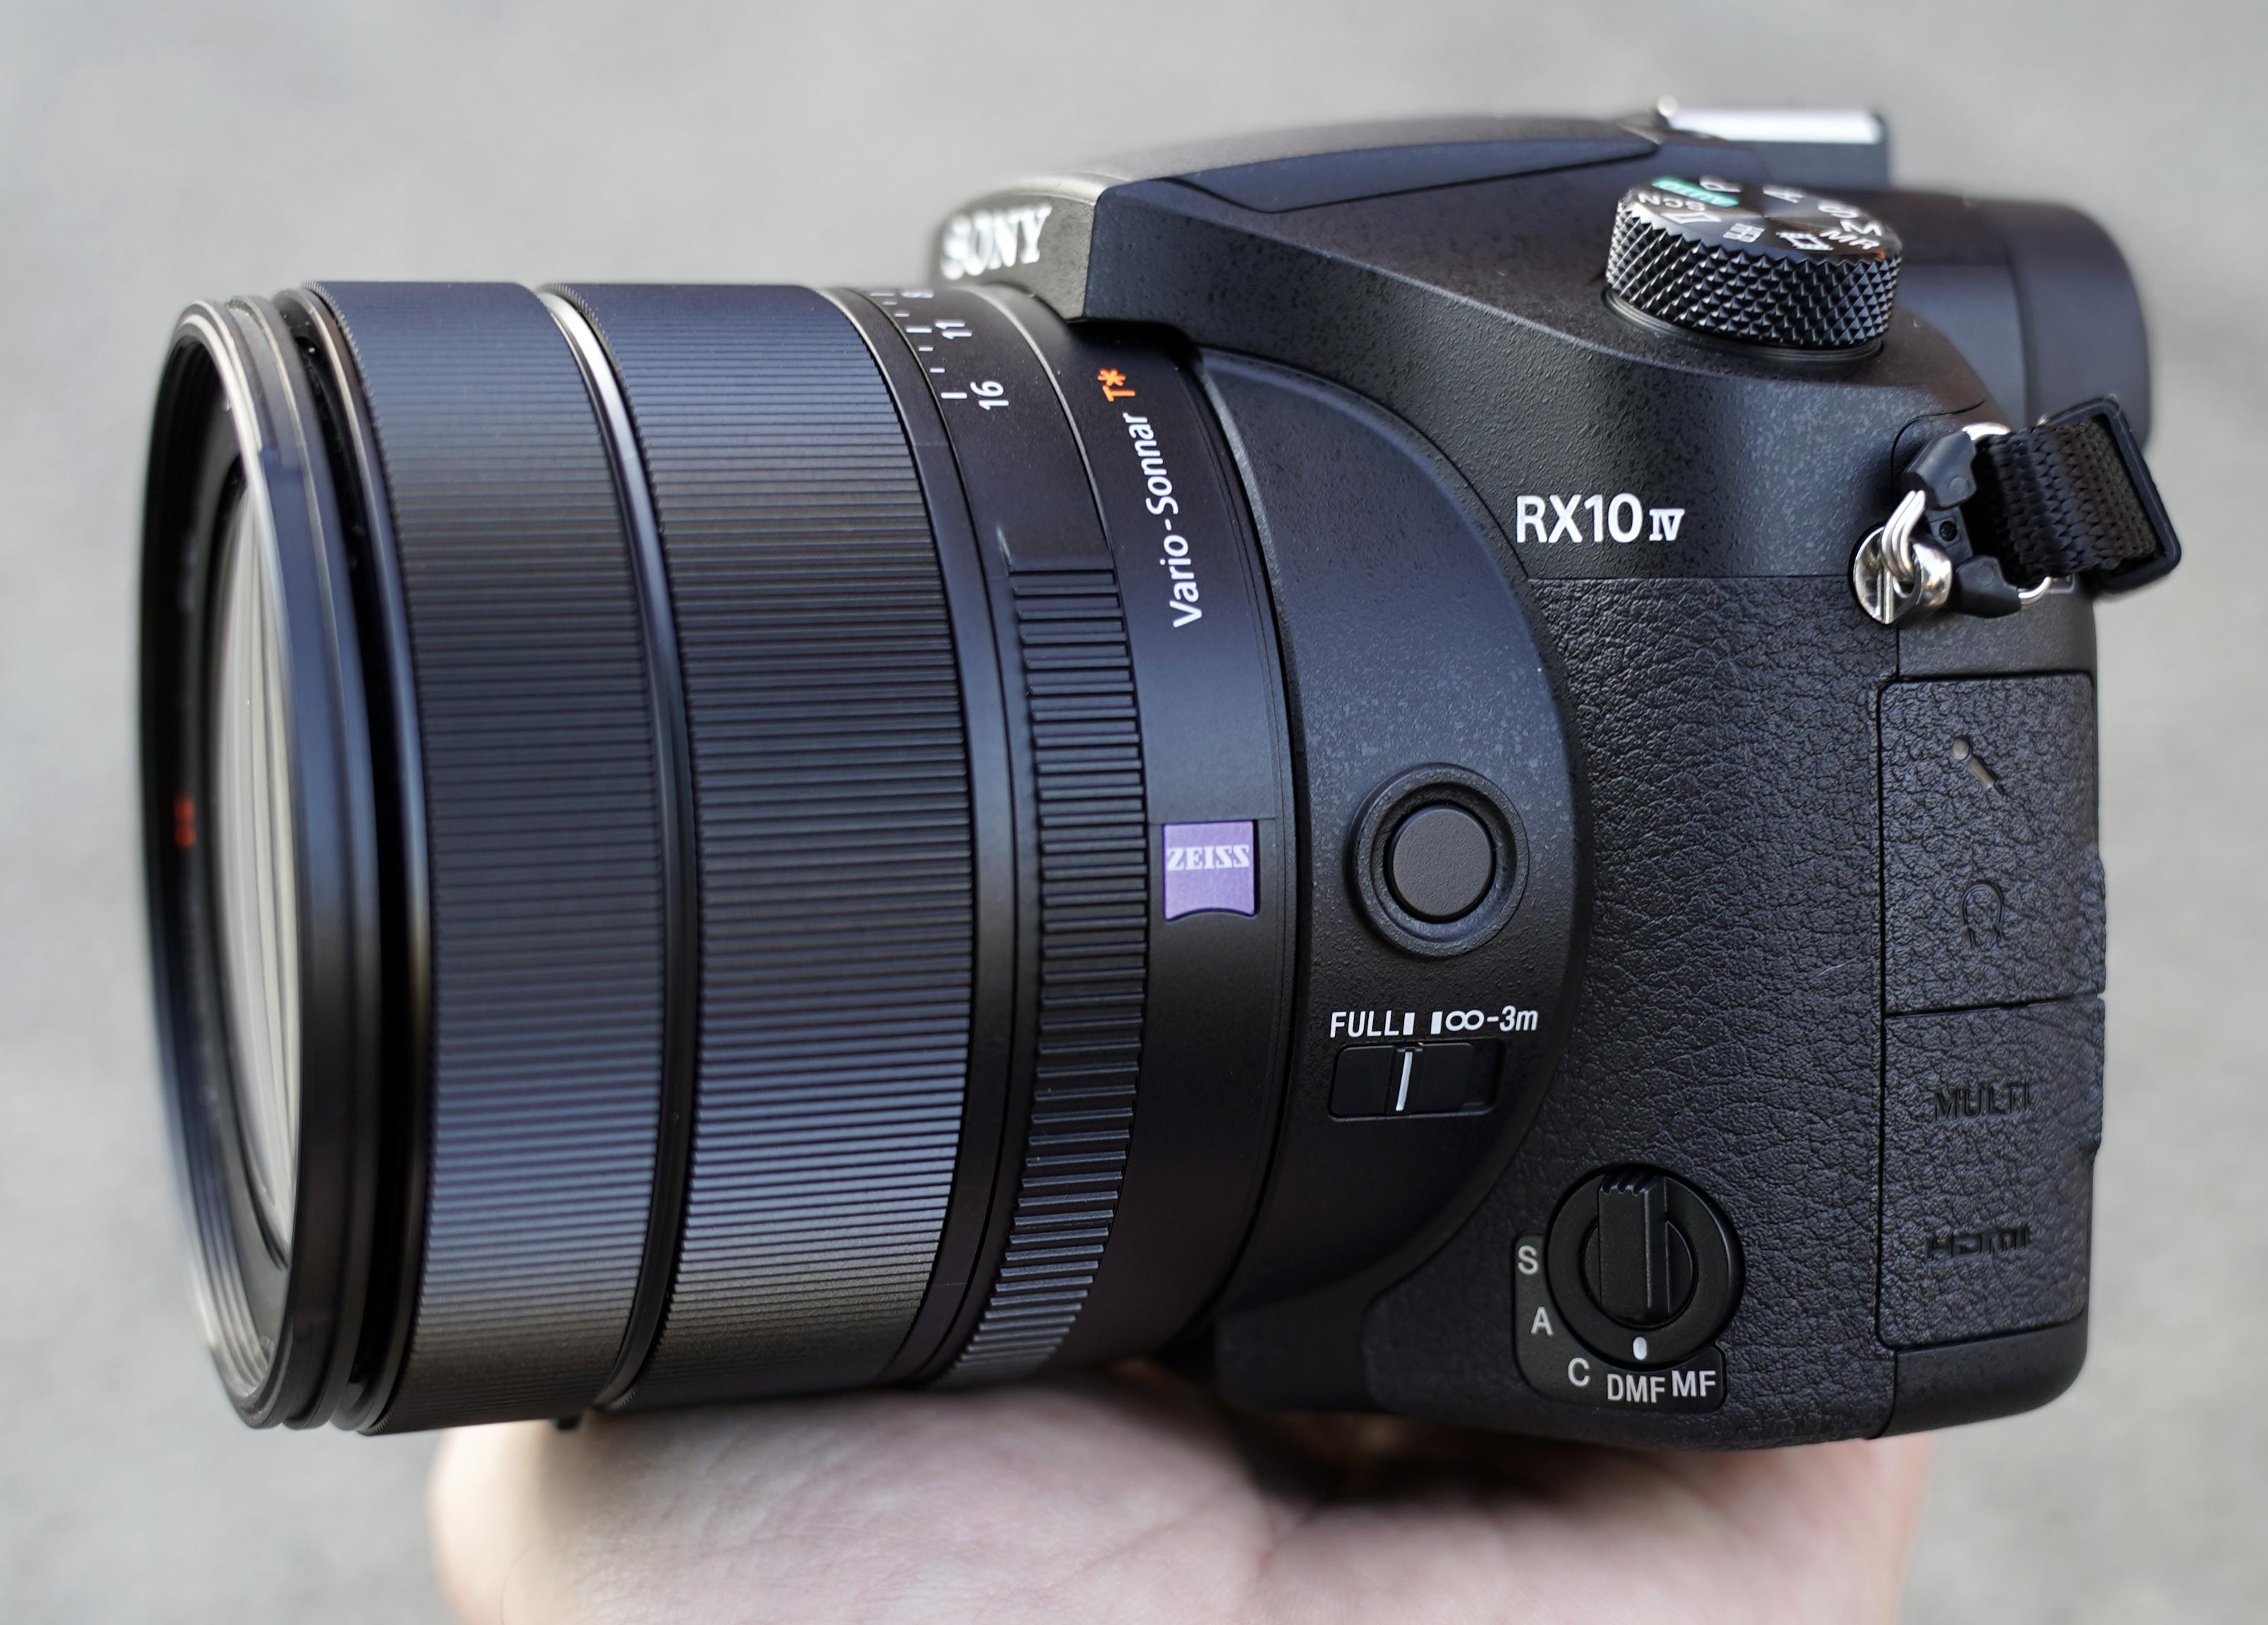 Sony Cyber-shot RX10 IV Review | ePHOTOzine